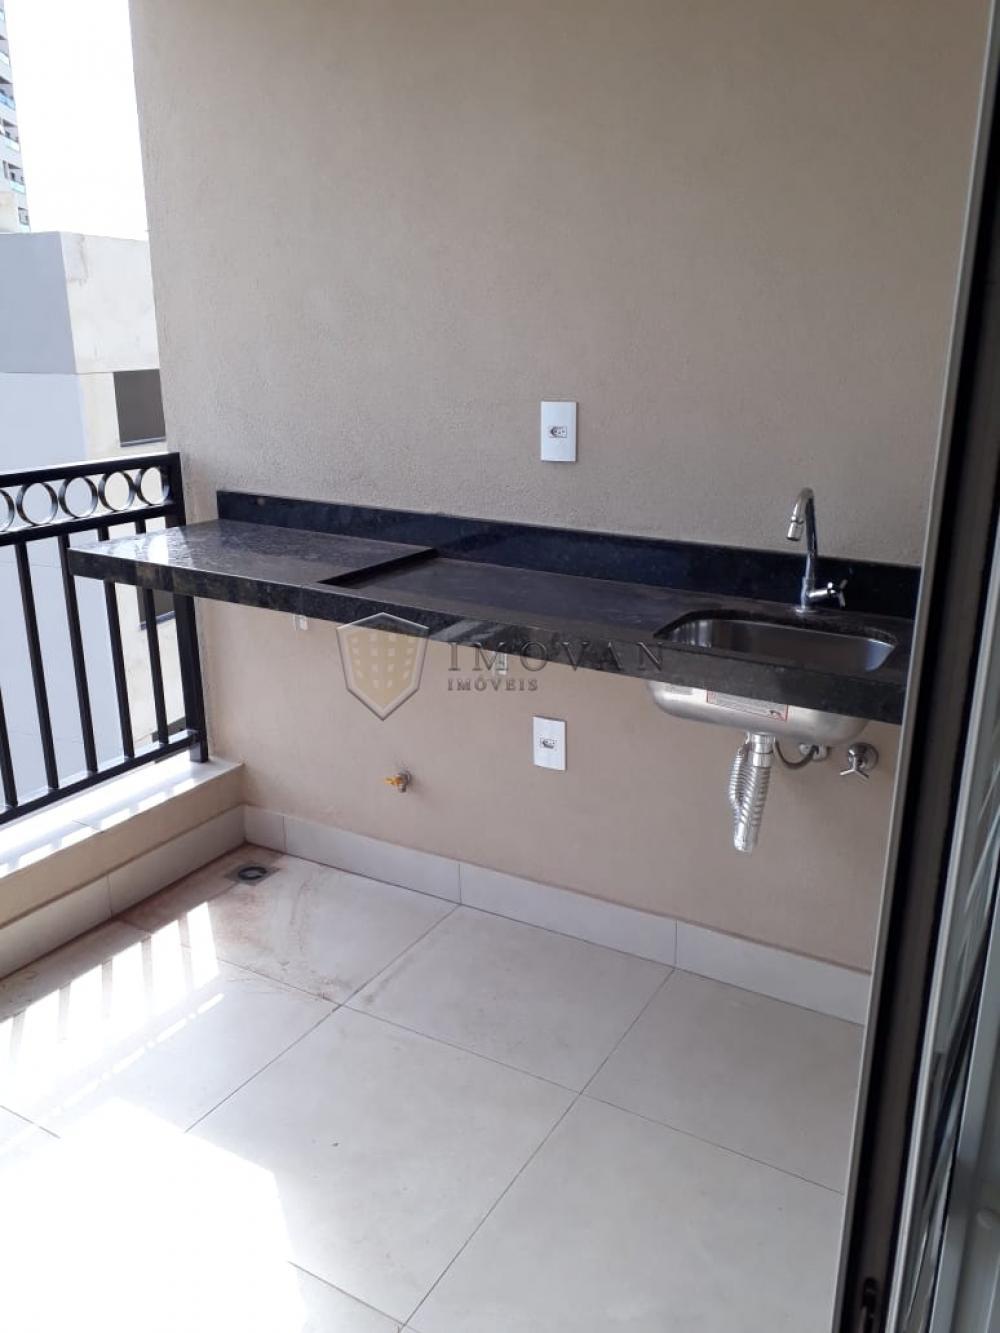 Comprar Apartamento / Padrão em Ribeirão Preto apenas R$ 350.000,00 - Foto 22